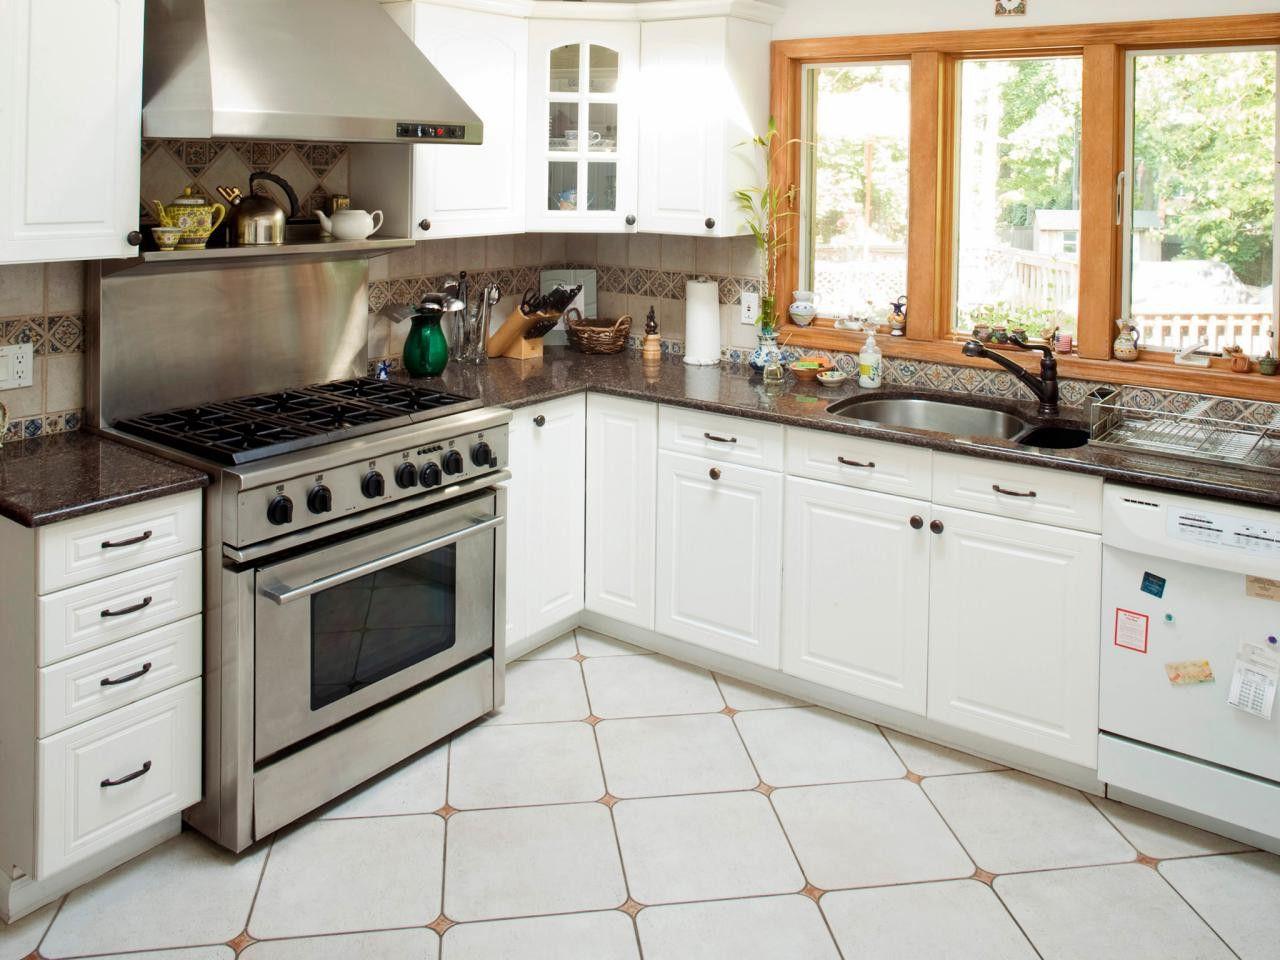 Attraktiv Hervorragende Küche Design Mit Weißen Schränke Auch Weiße Küchenschränke  Mit Granit #Badezimmer